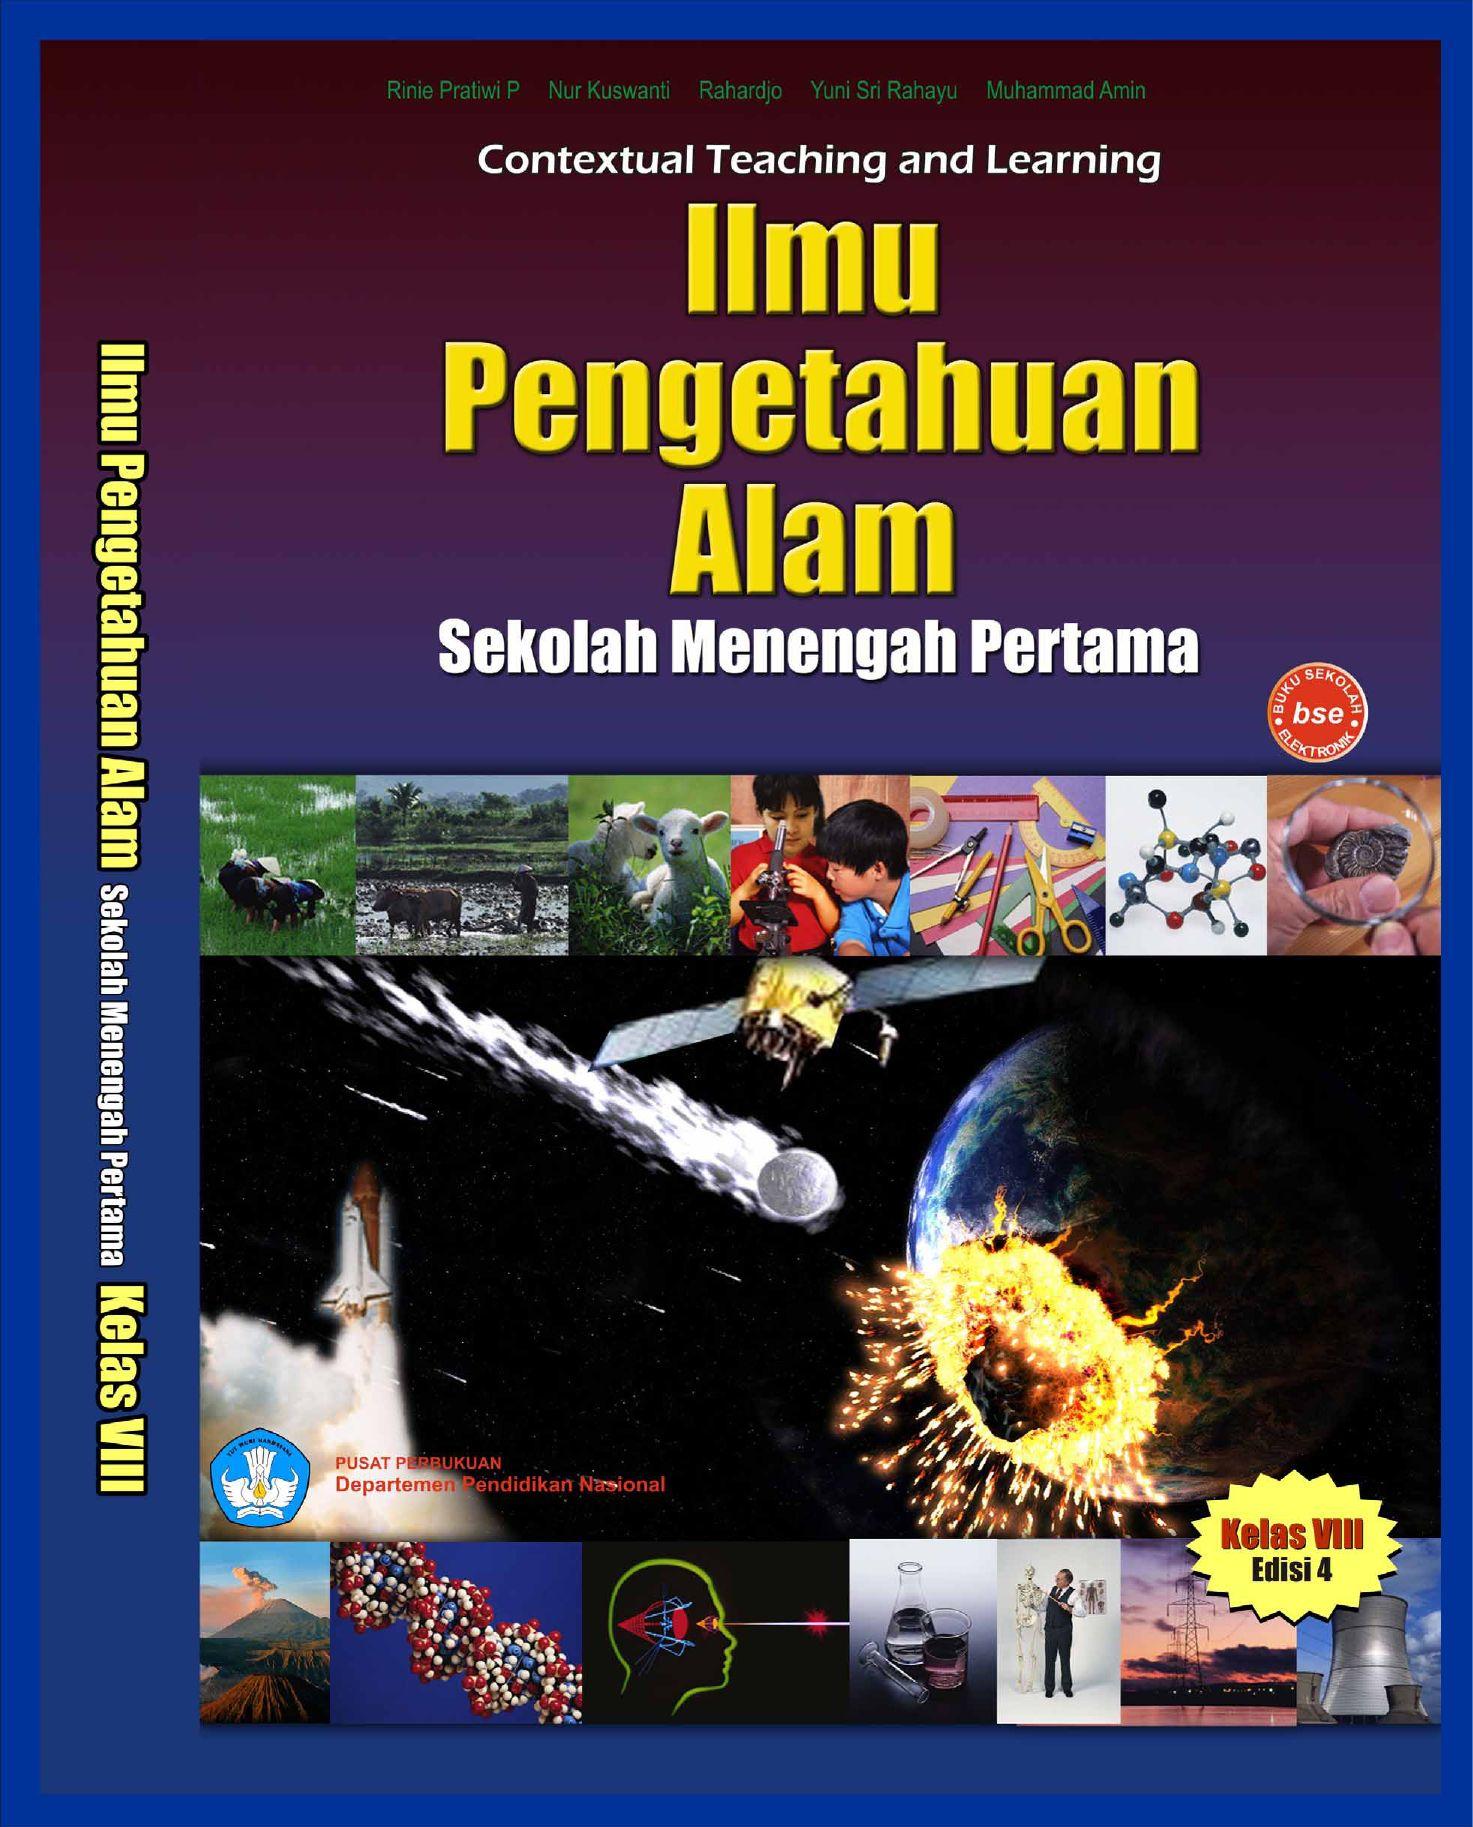 Kelas08 Ctl Ipa Rinie Nur Rahardjo Yuni Muhammad By S Van